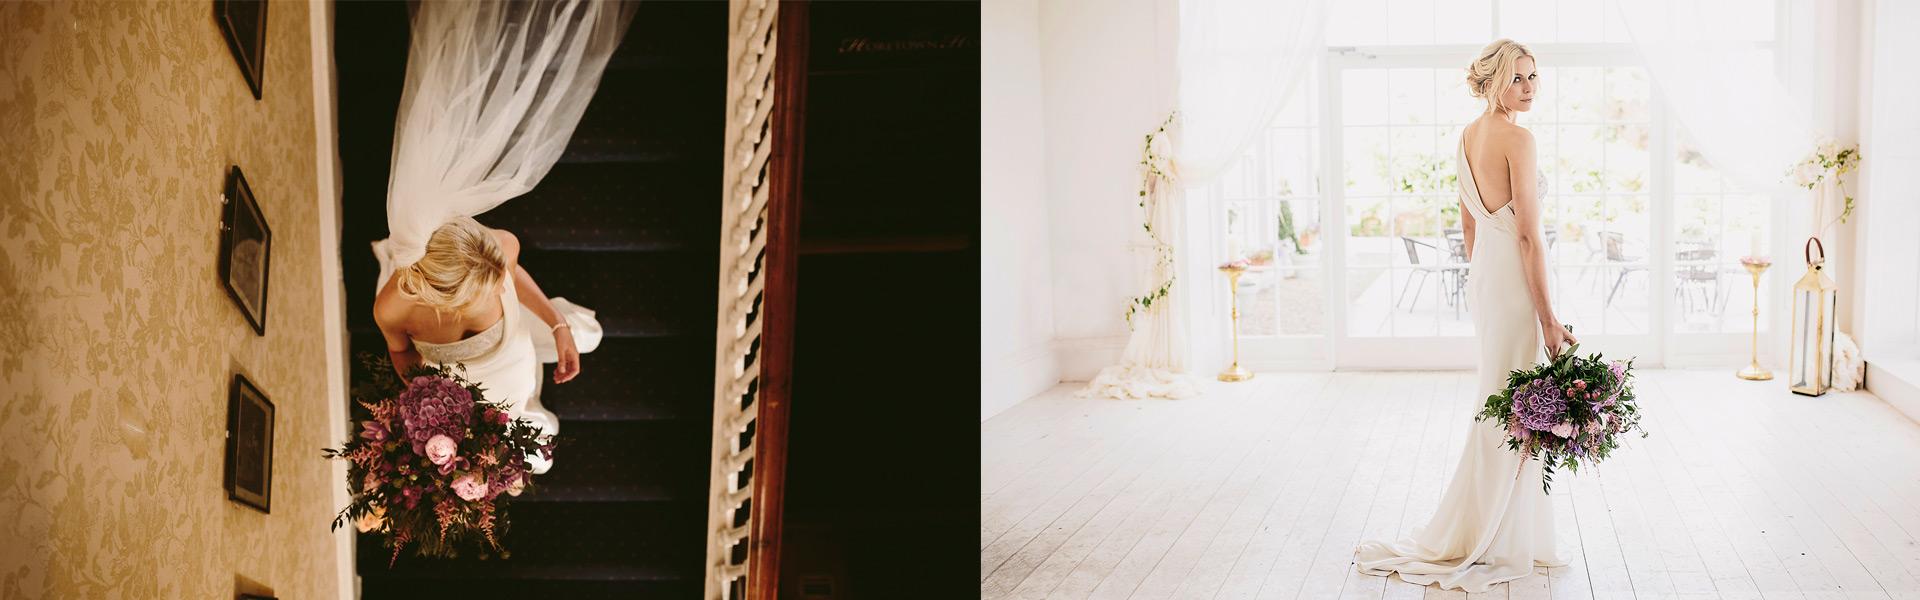 weddings_notext